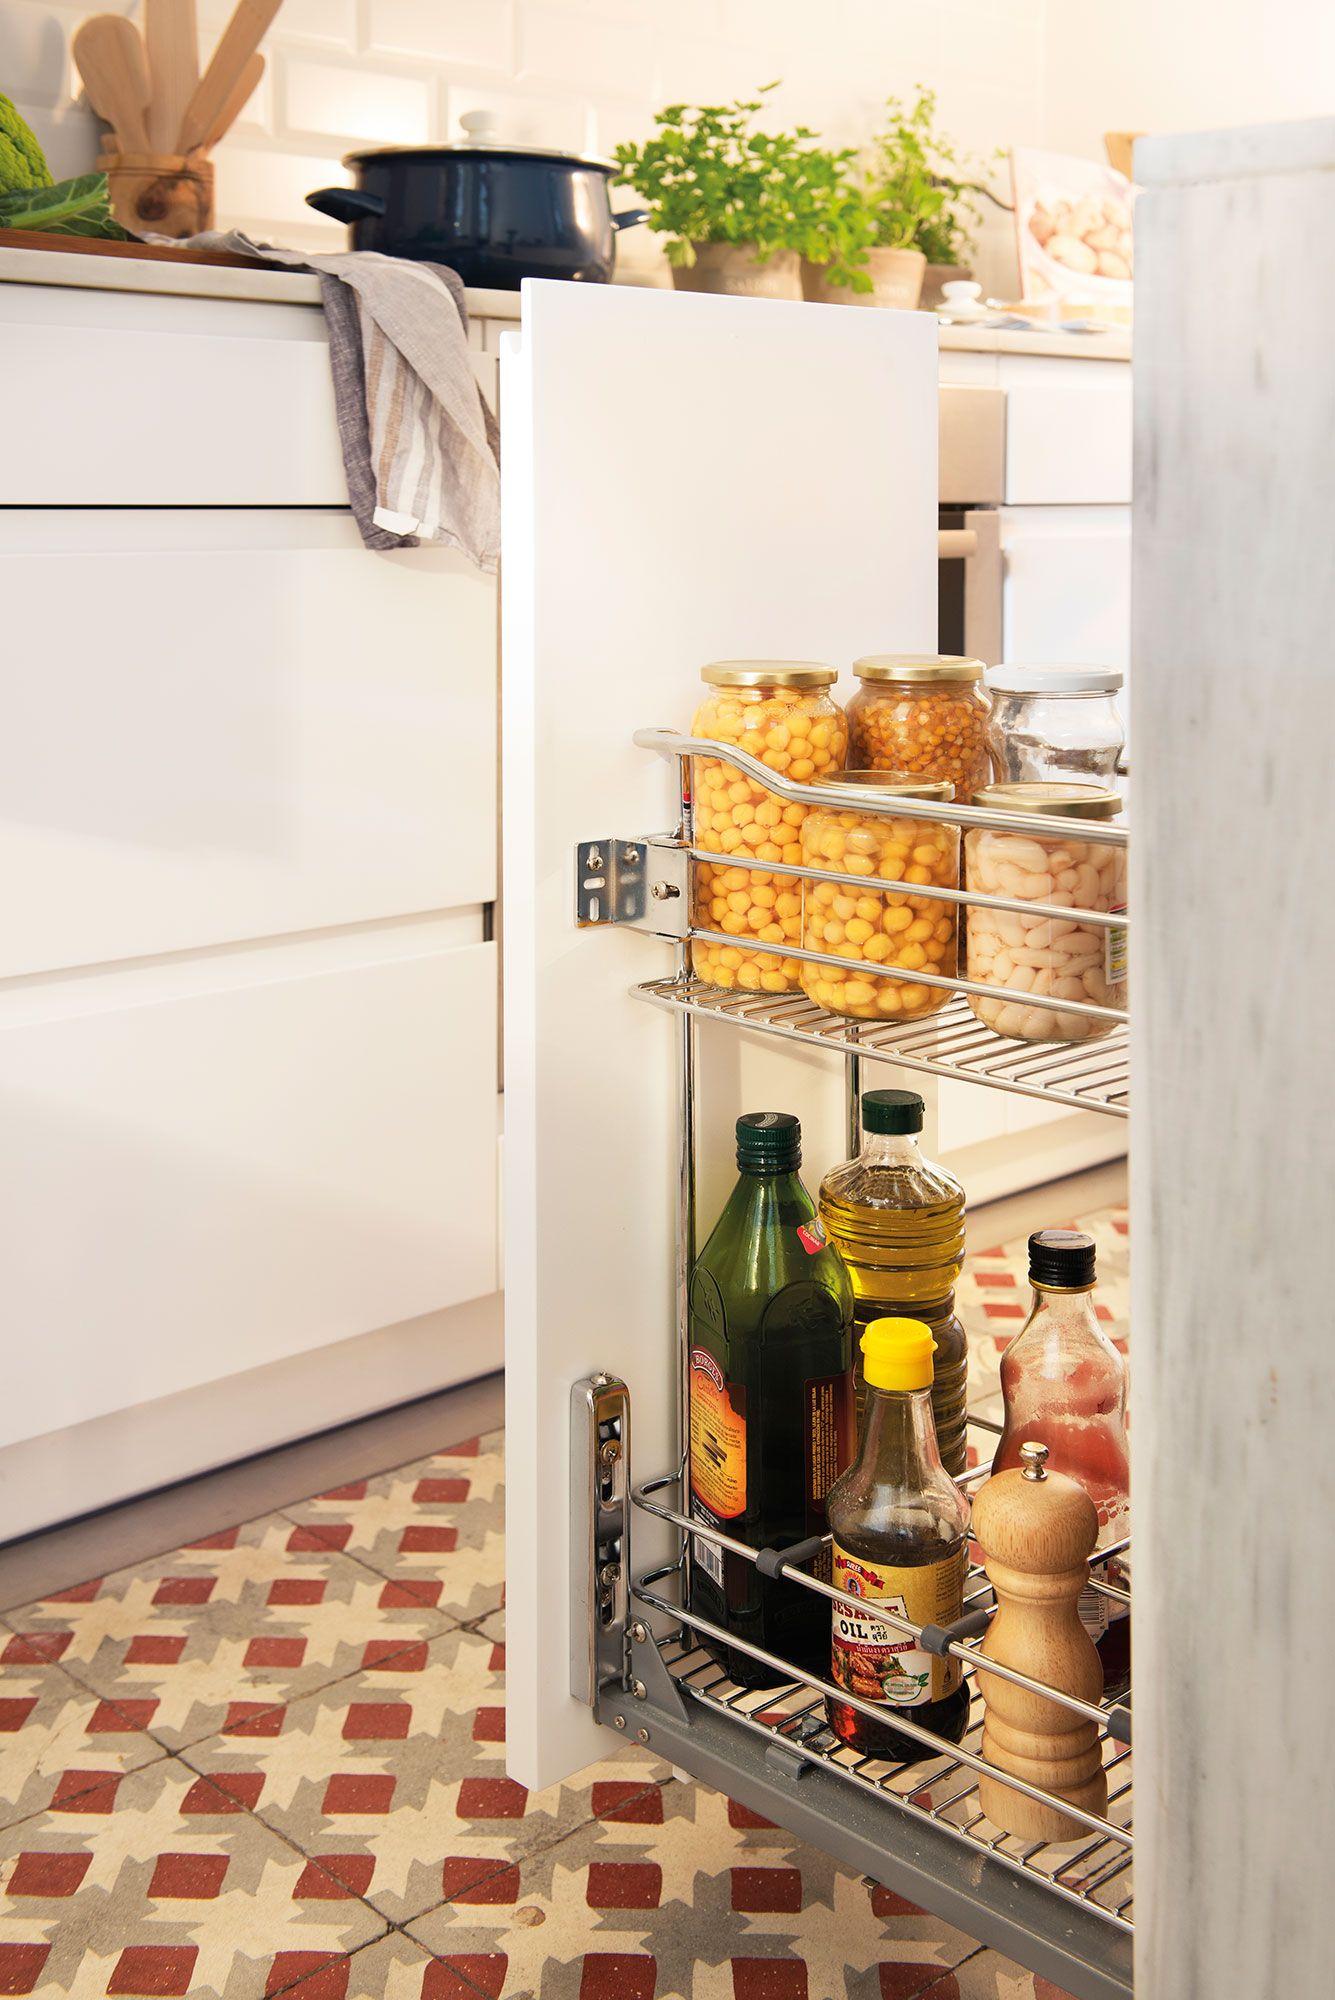 Columna Cocina | Detalle De Cajon De Cocina Tipo Semi Columna Abierto